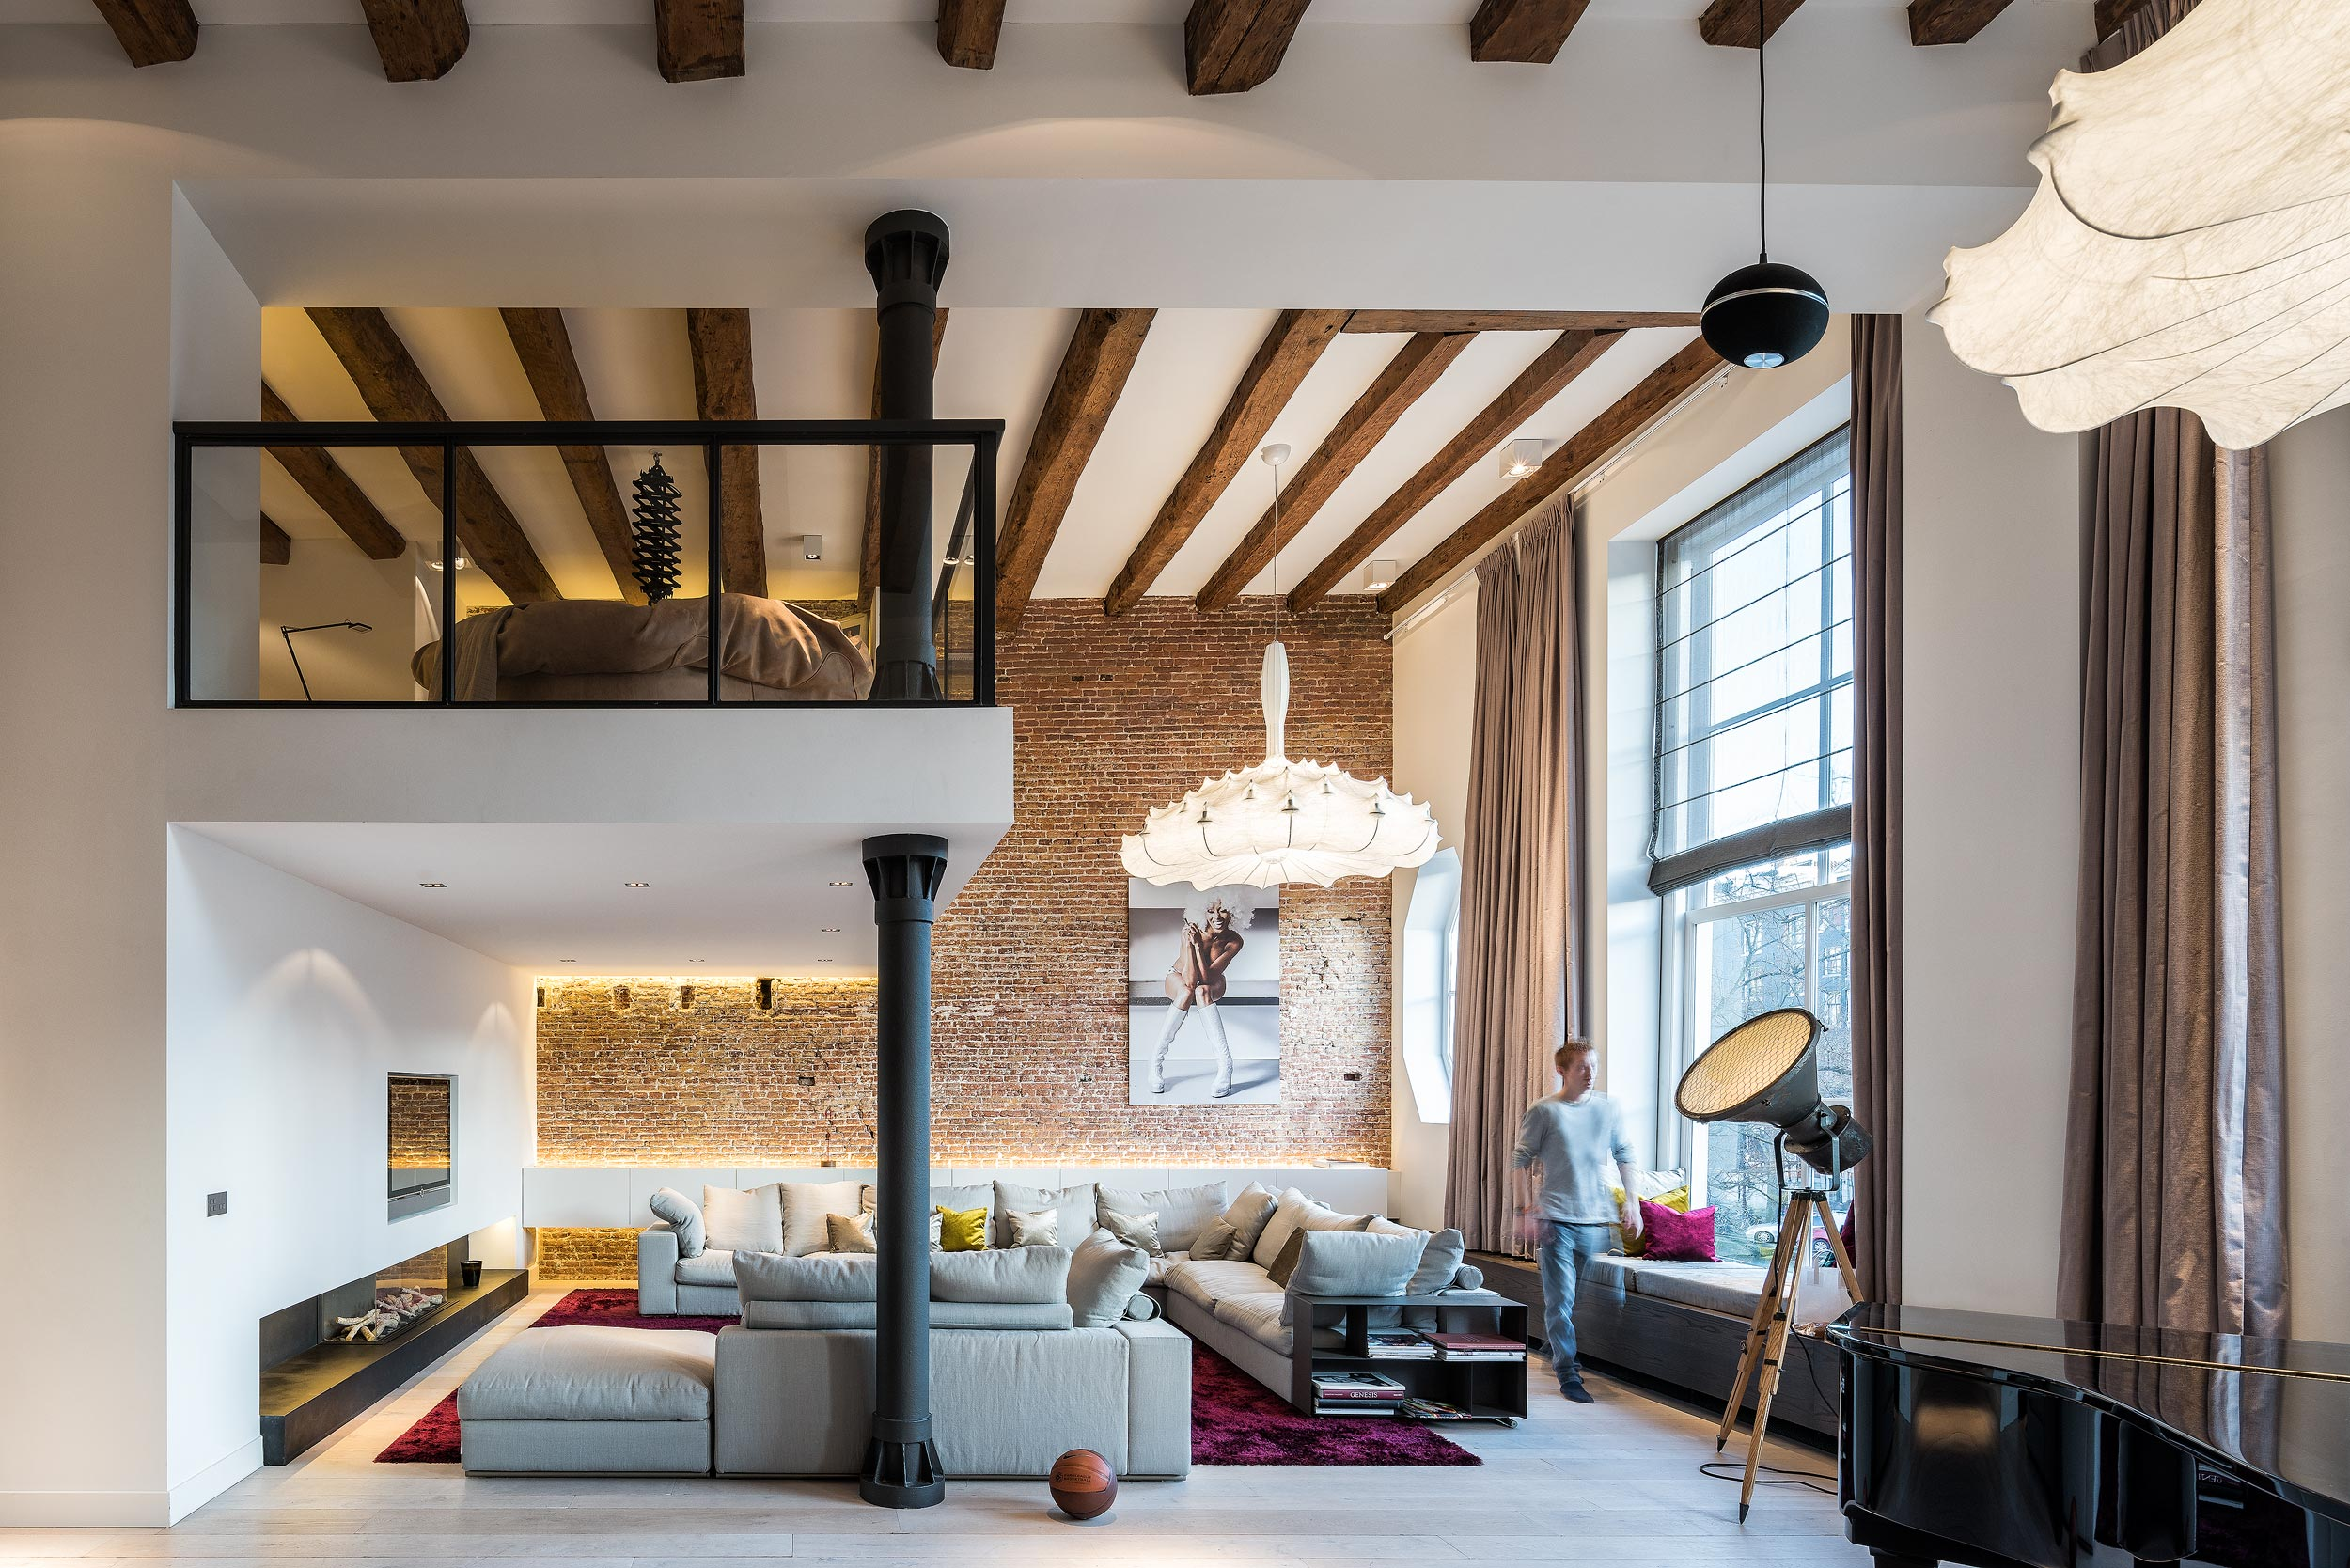 Interieurfotograaf Chiel de Nooyer voor interieurfotografie van grachtenpand in Amsterdam